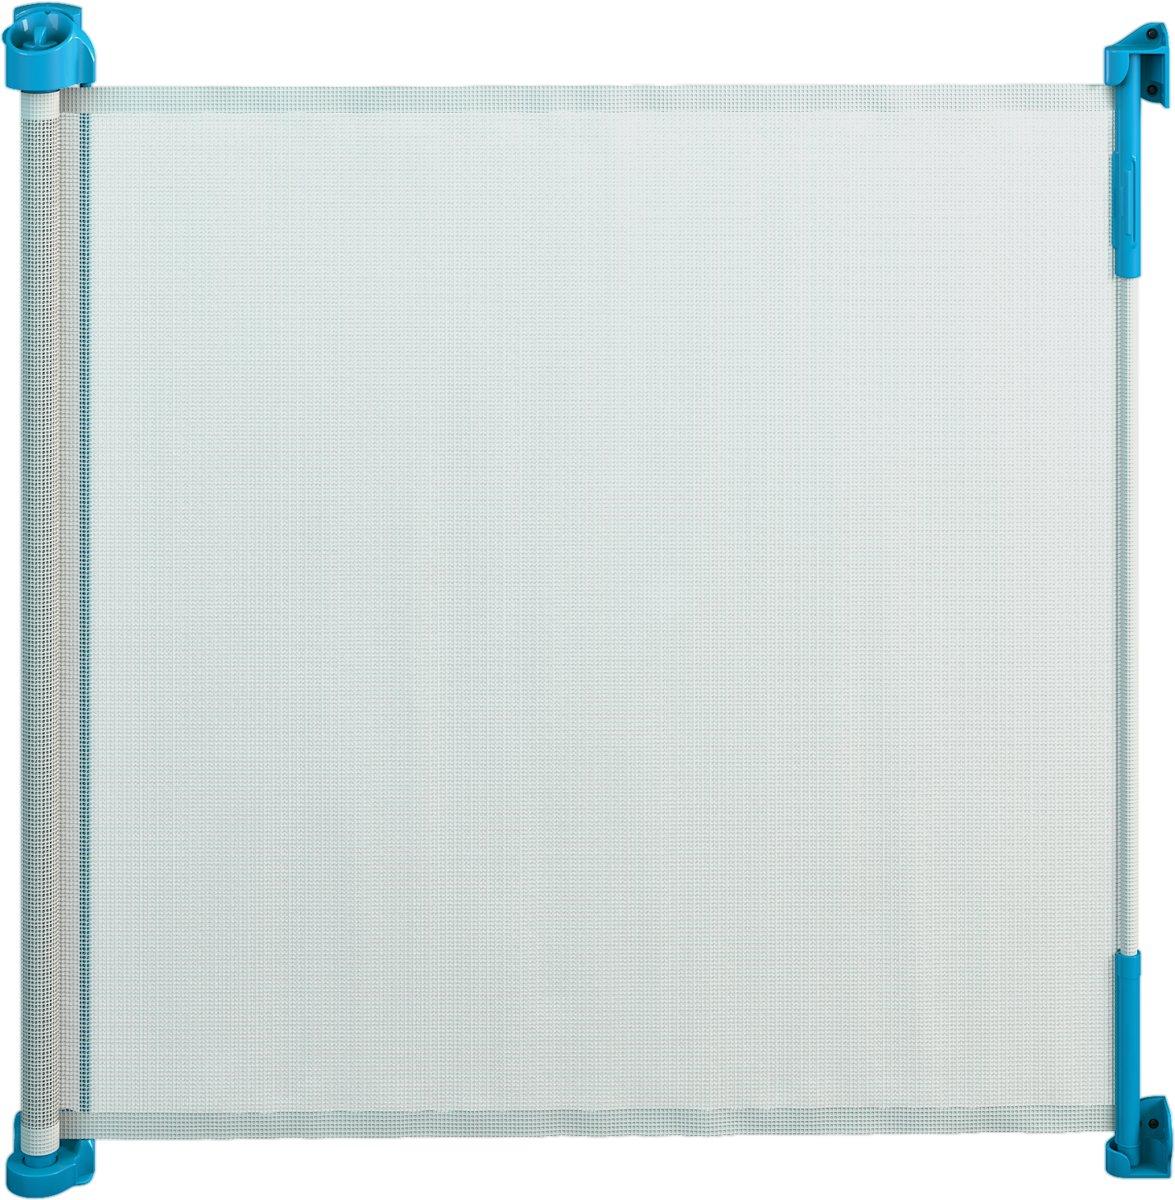 Gaterol Active Lite Blauw – Uittrekbaar trap- en deurhekje Rollo, tot 140 cm